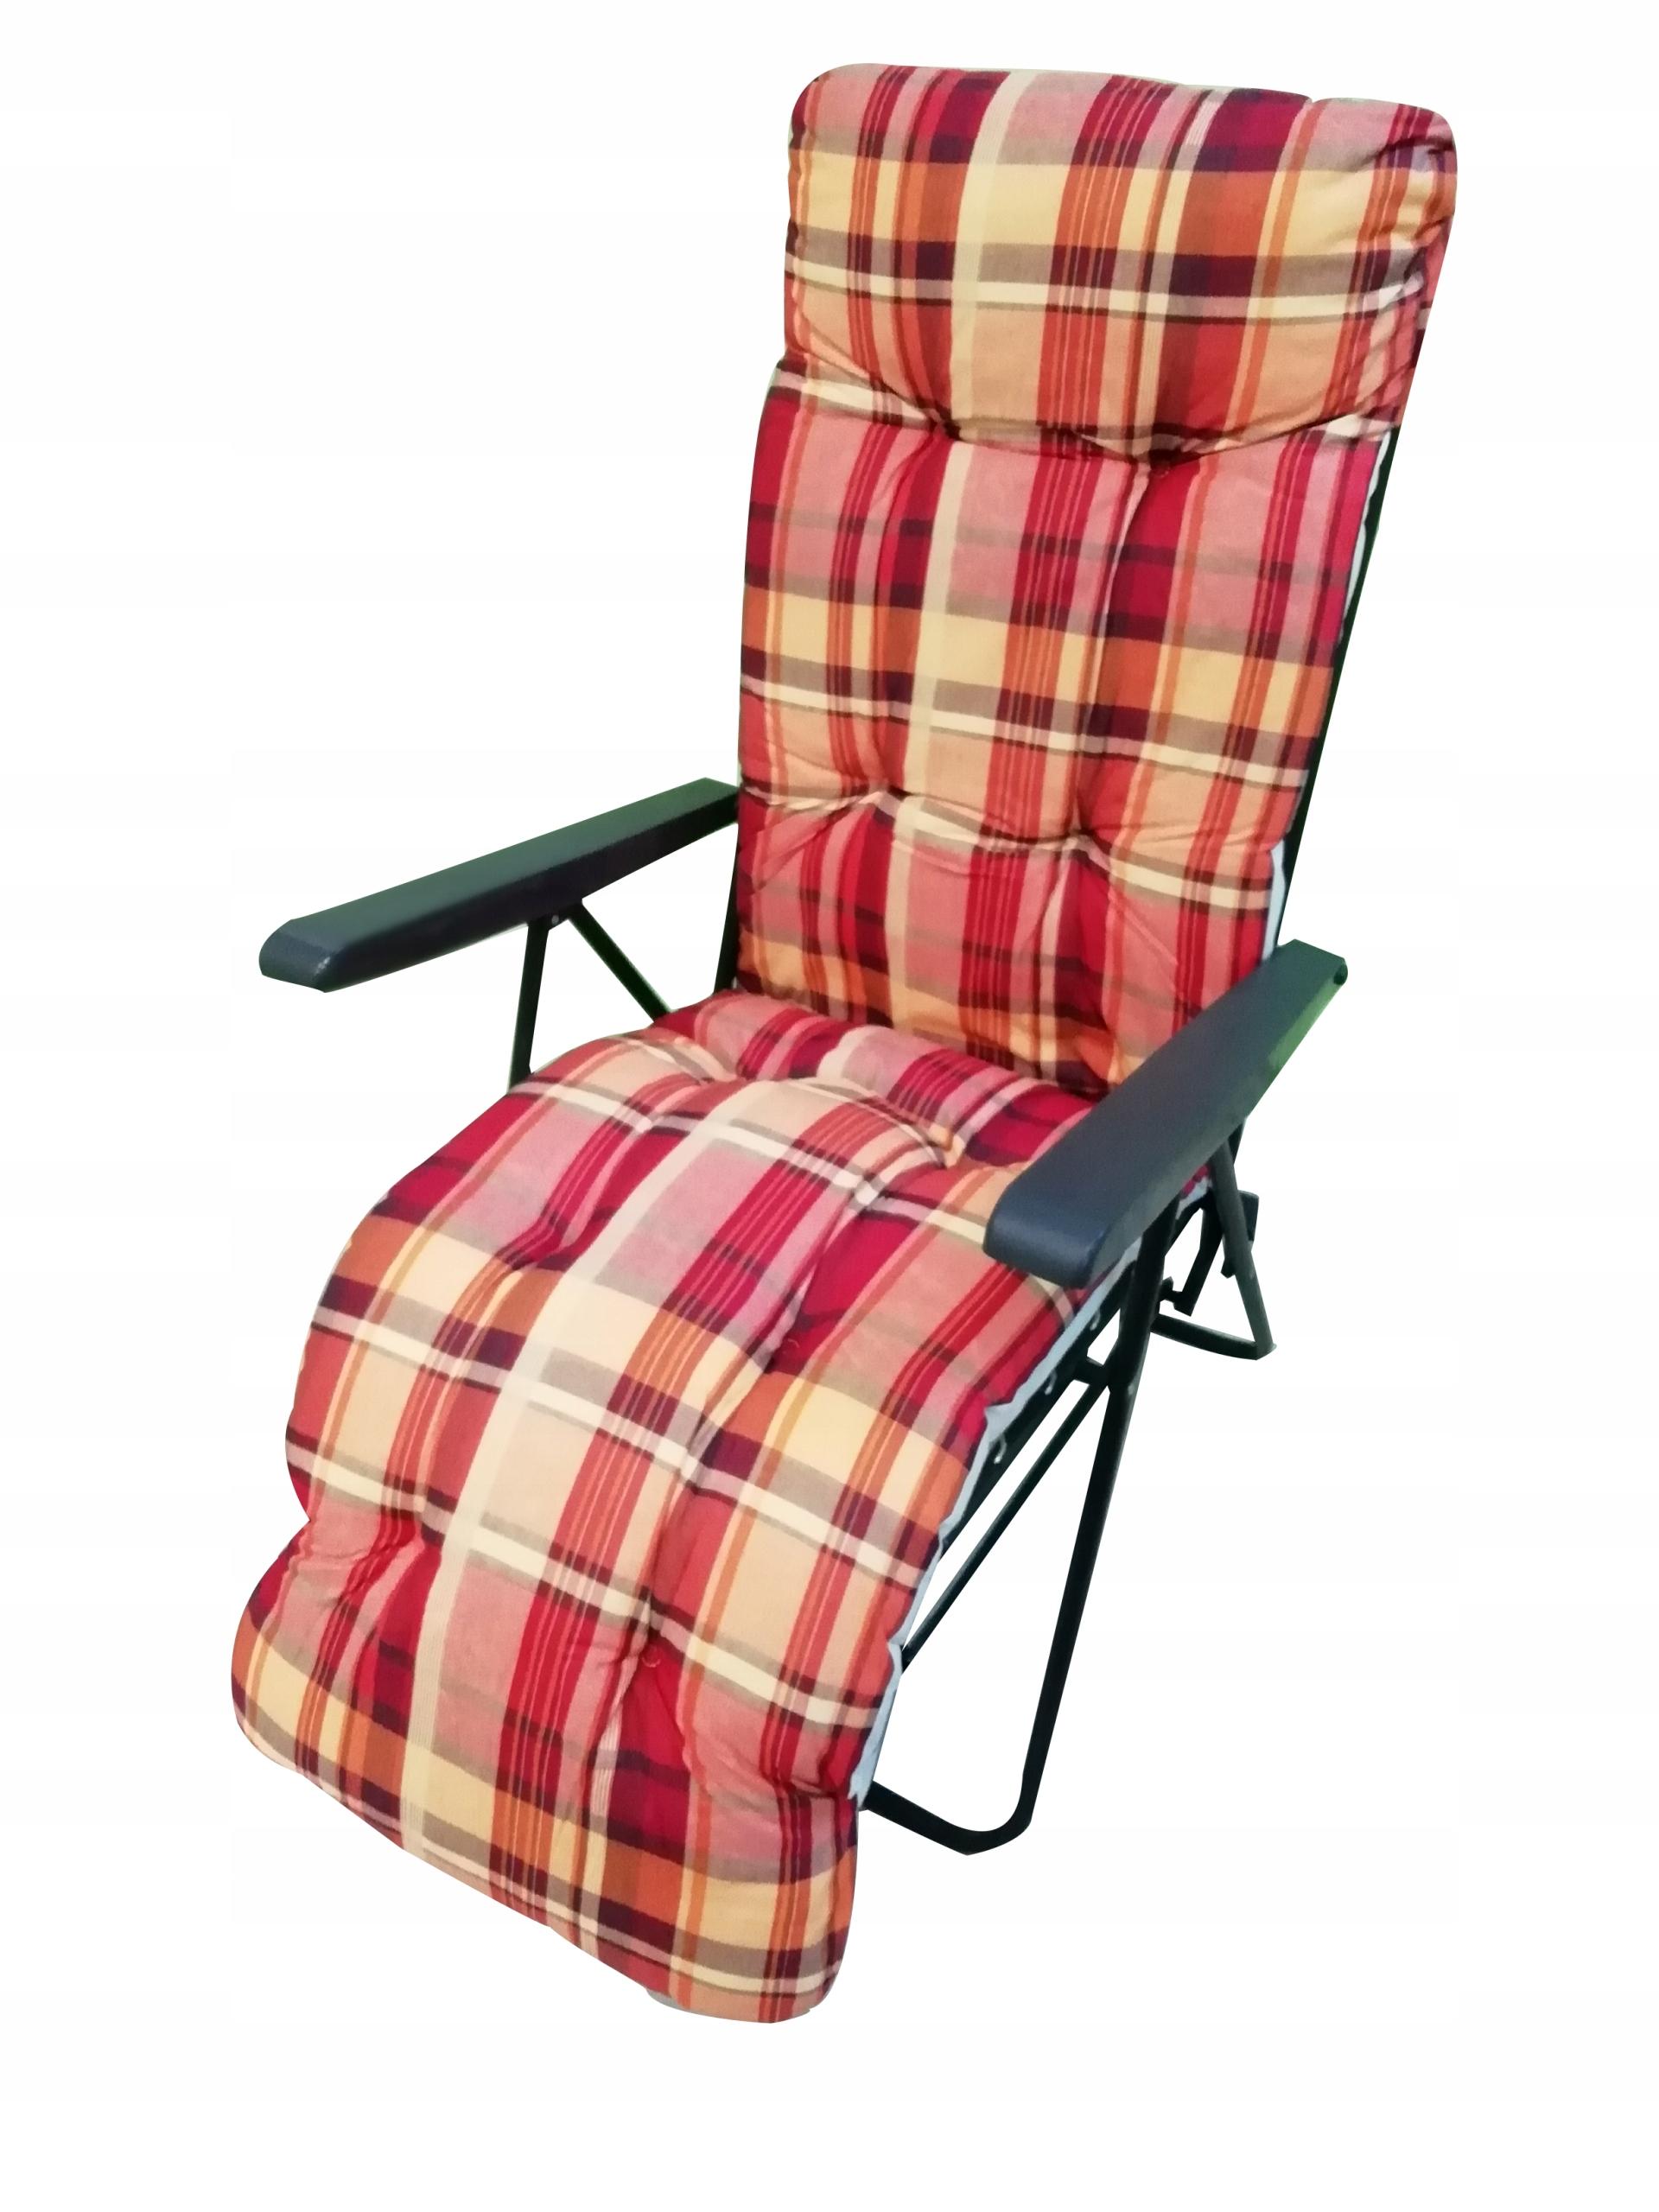 Fotel Leżak Regulowany 7 Pozycyjny Bringhton Plus